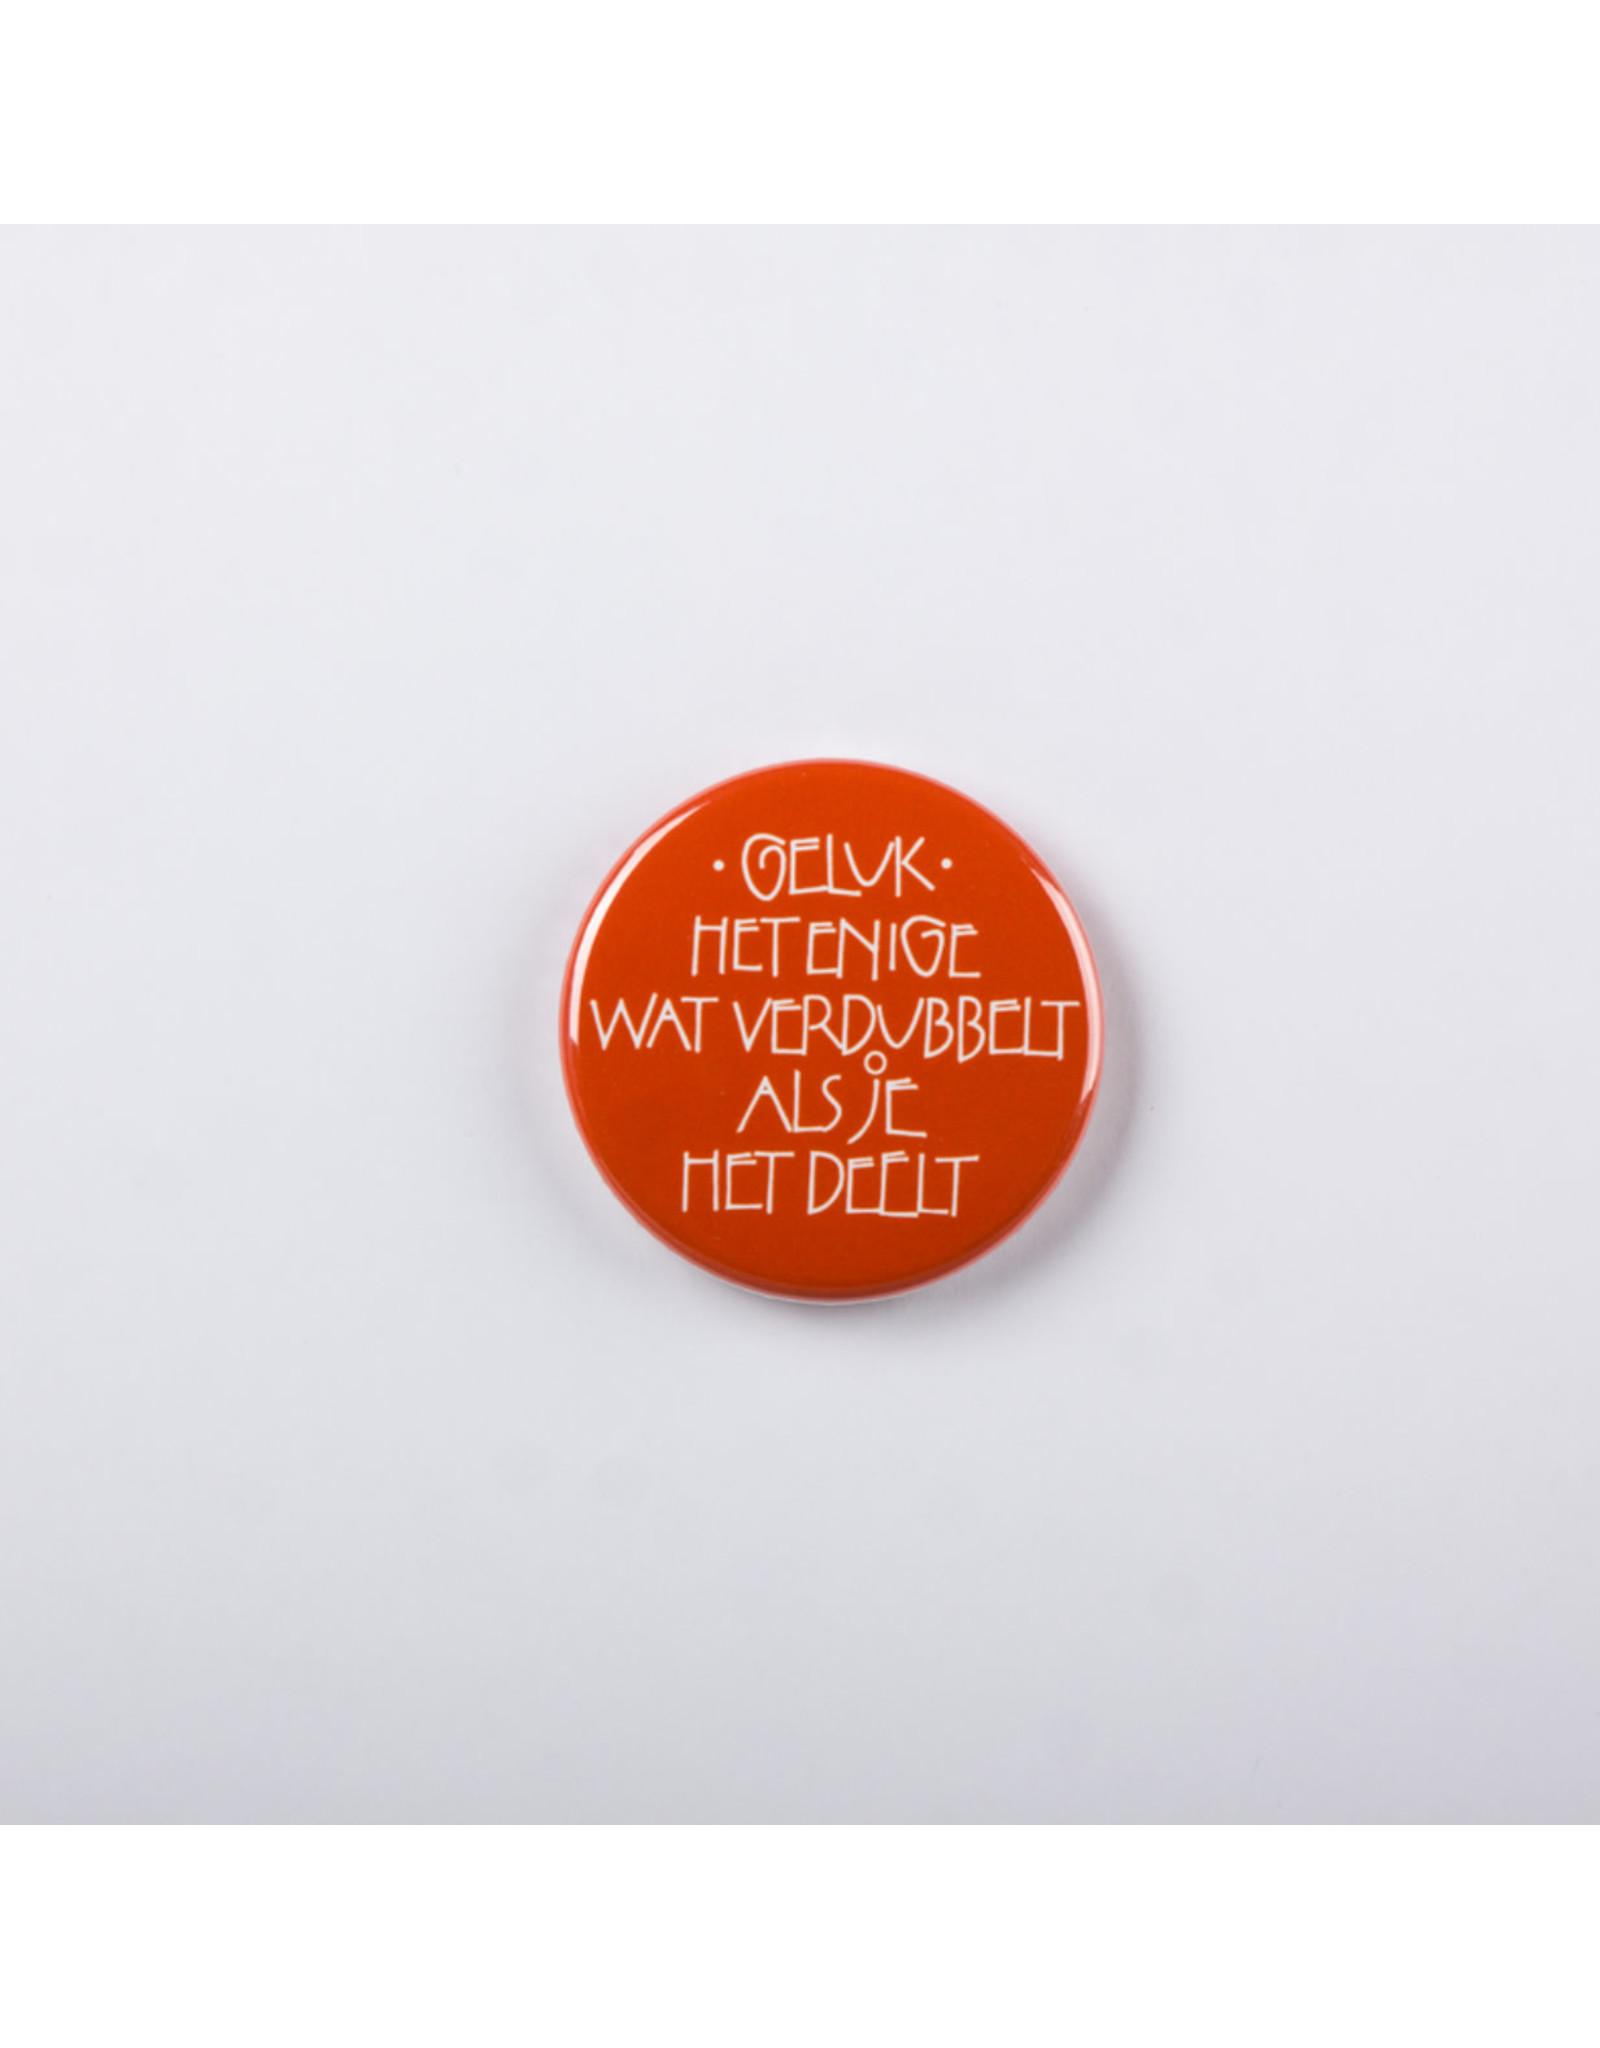 symposion Button - Geluk het enige wat verdubbelt als je het deelt - Ø 3,7 cm